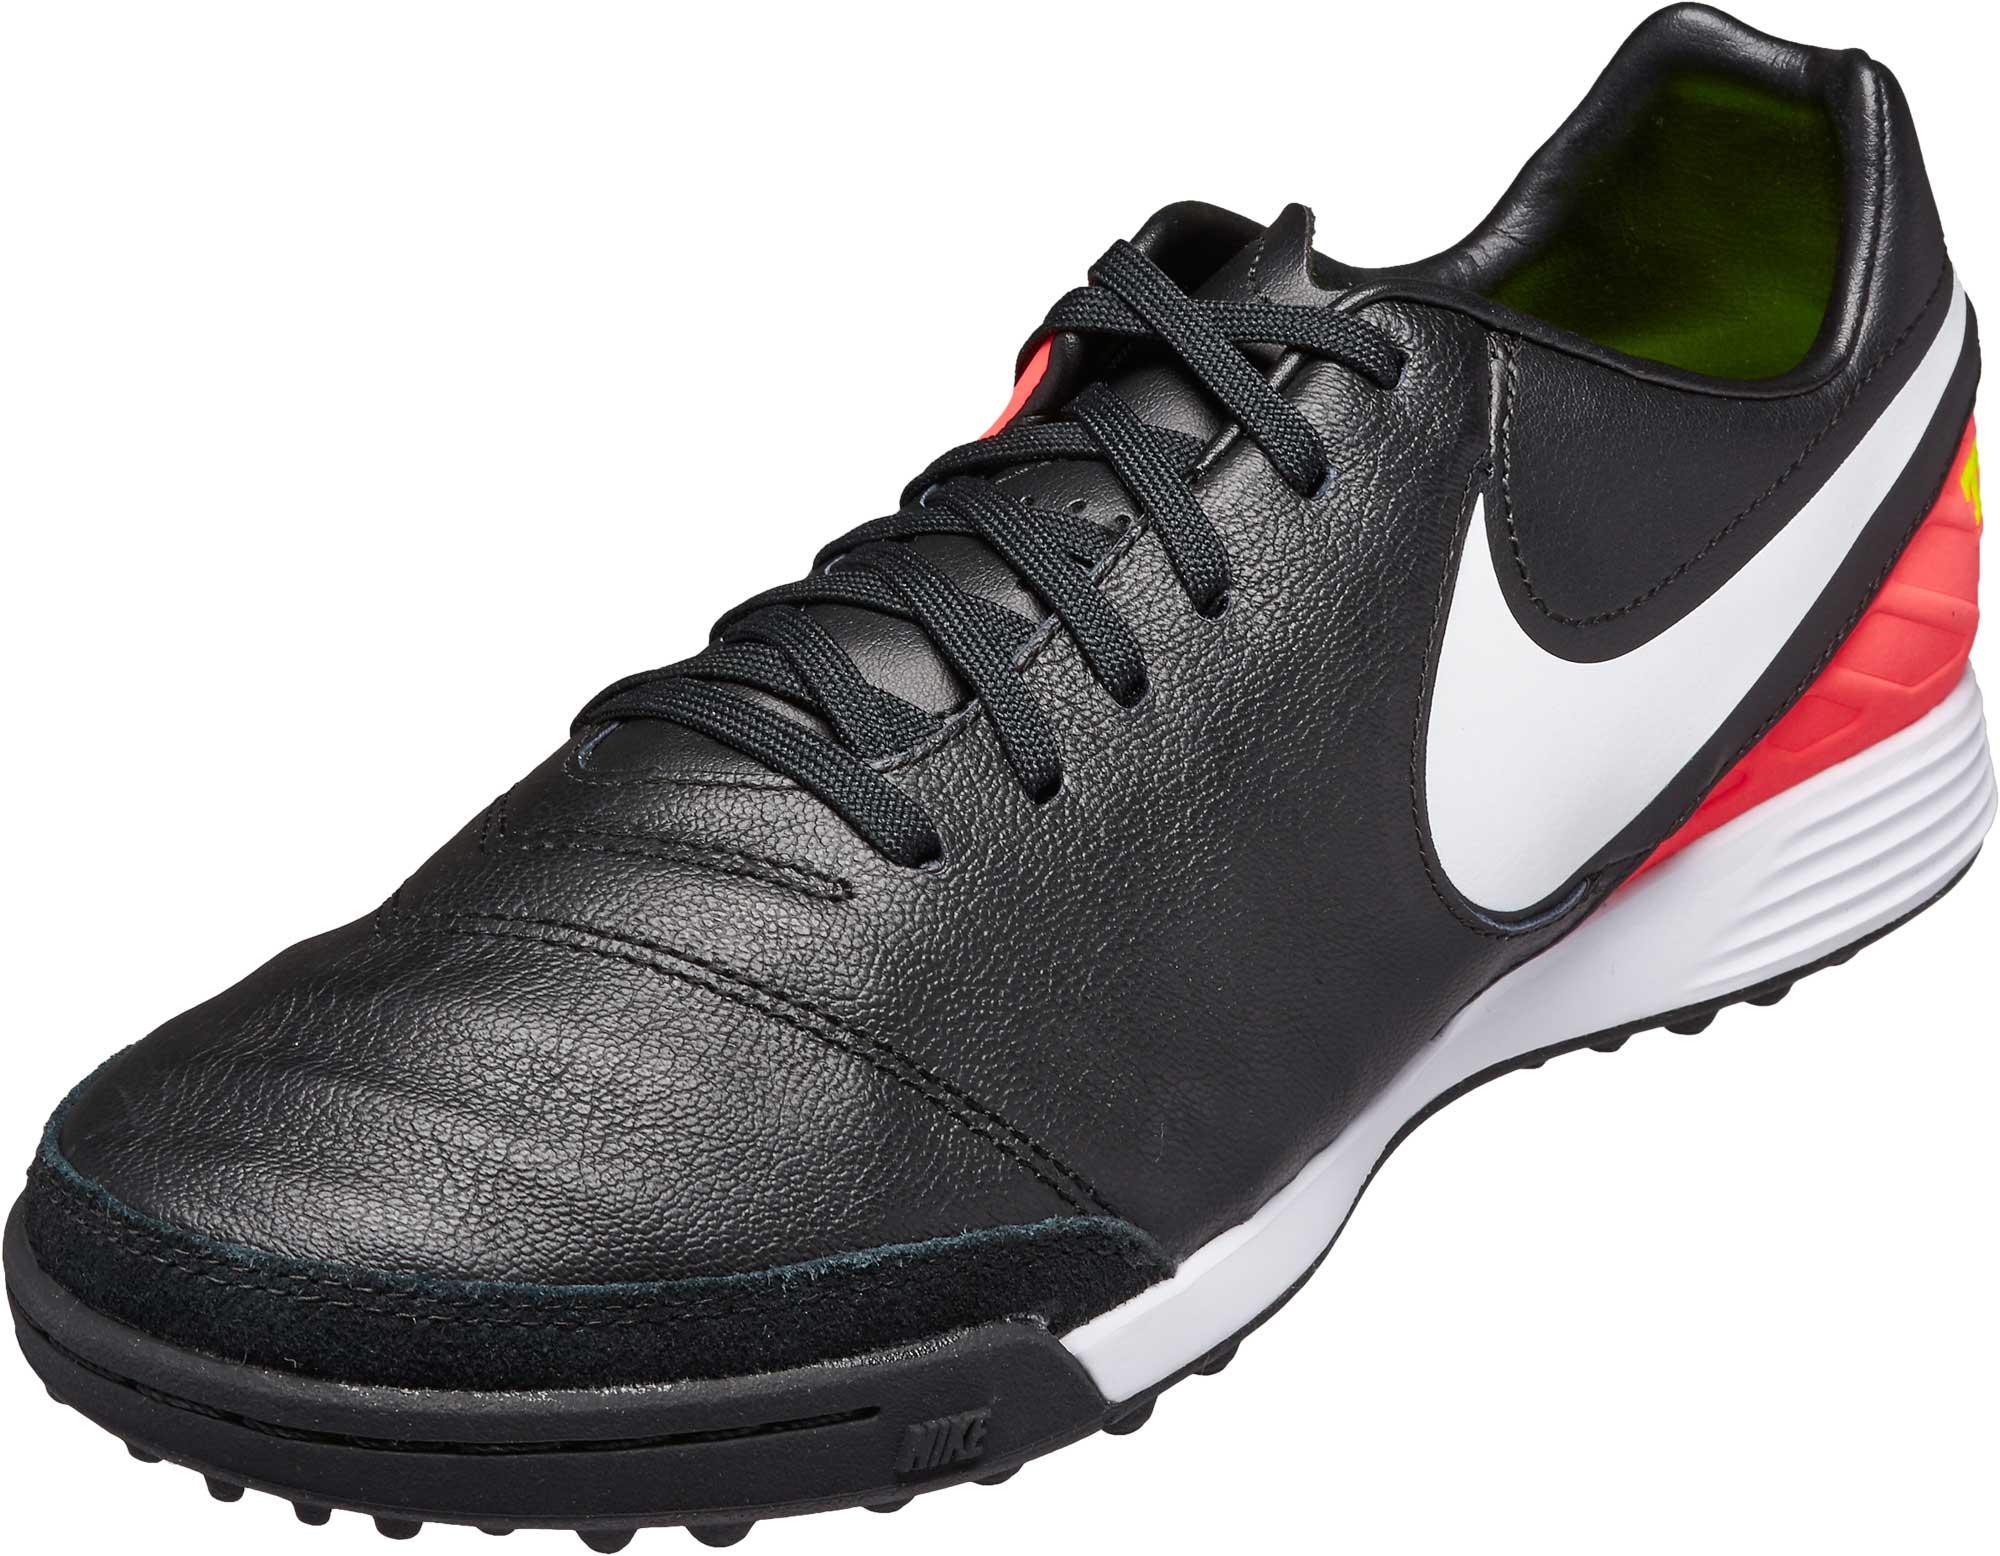 Nike TiempoX Mystic V TF - Nike Tiempo Soccer Shoes 4403f0e01